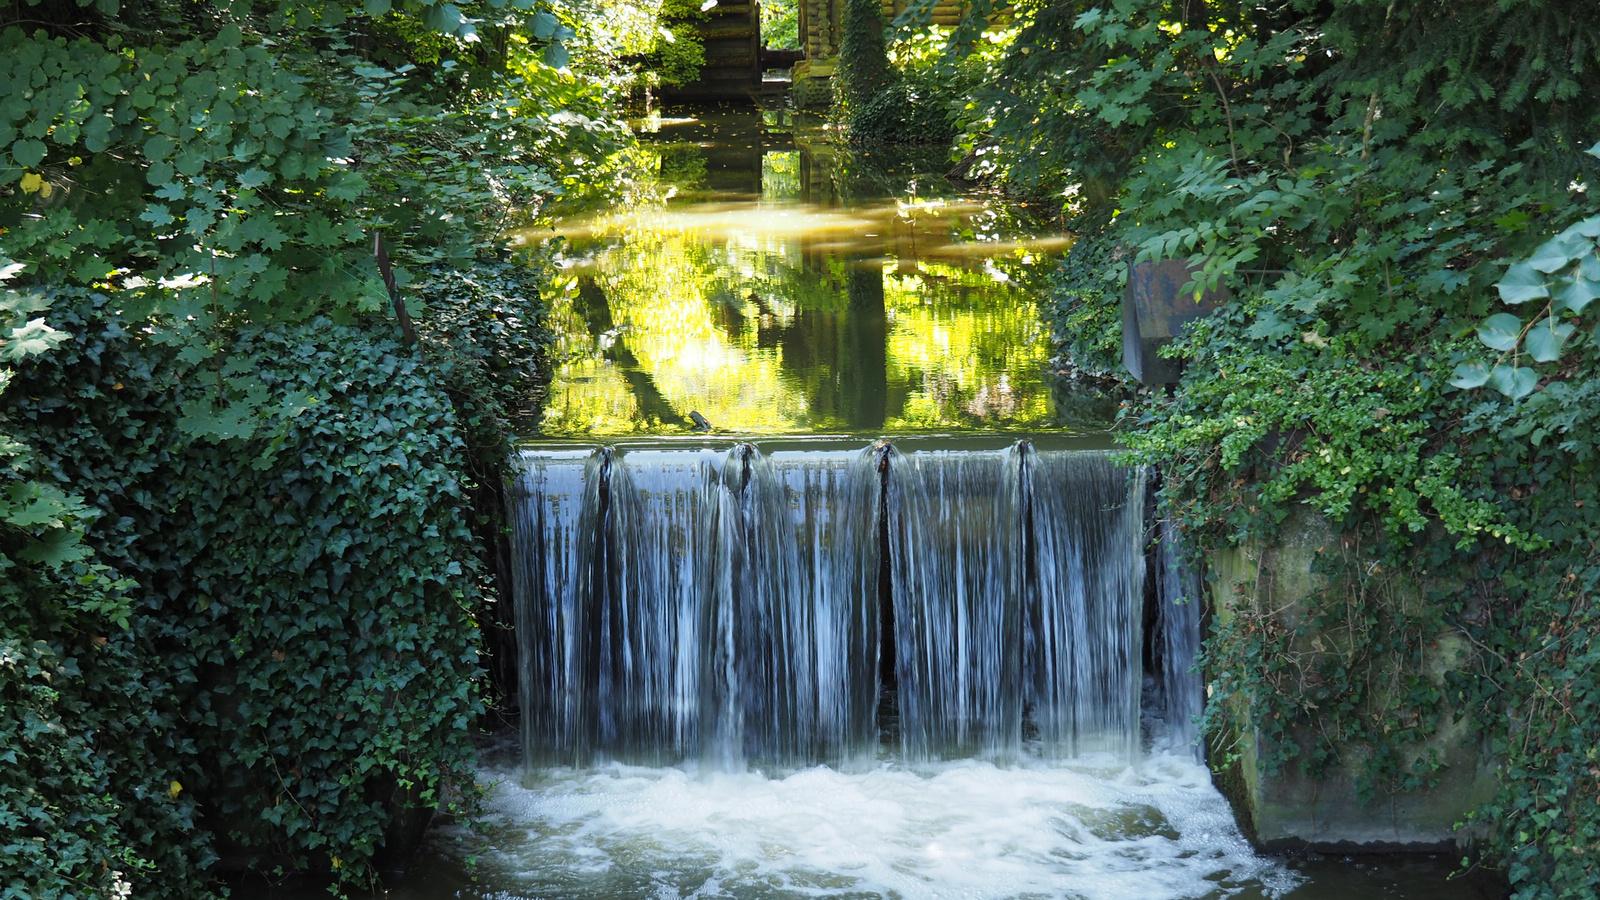 Magyarország, Vácrátót, a Botanikus kert, SzG3